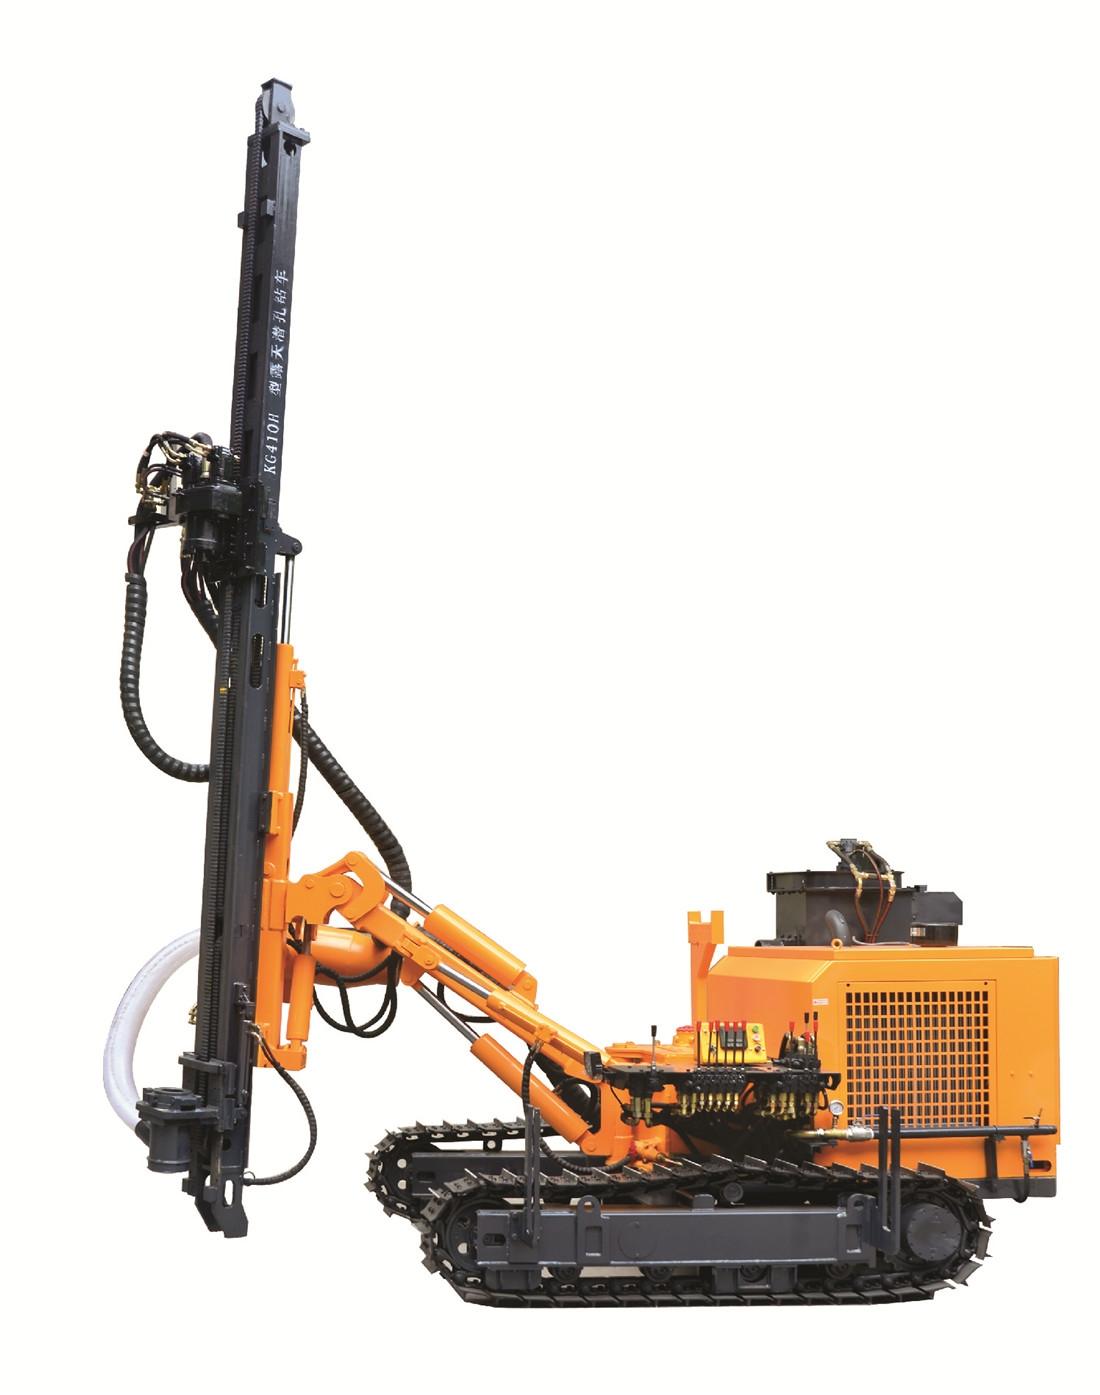 KG410/KG410H DTH drilling rig